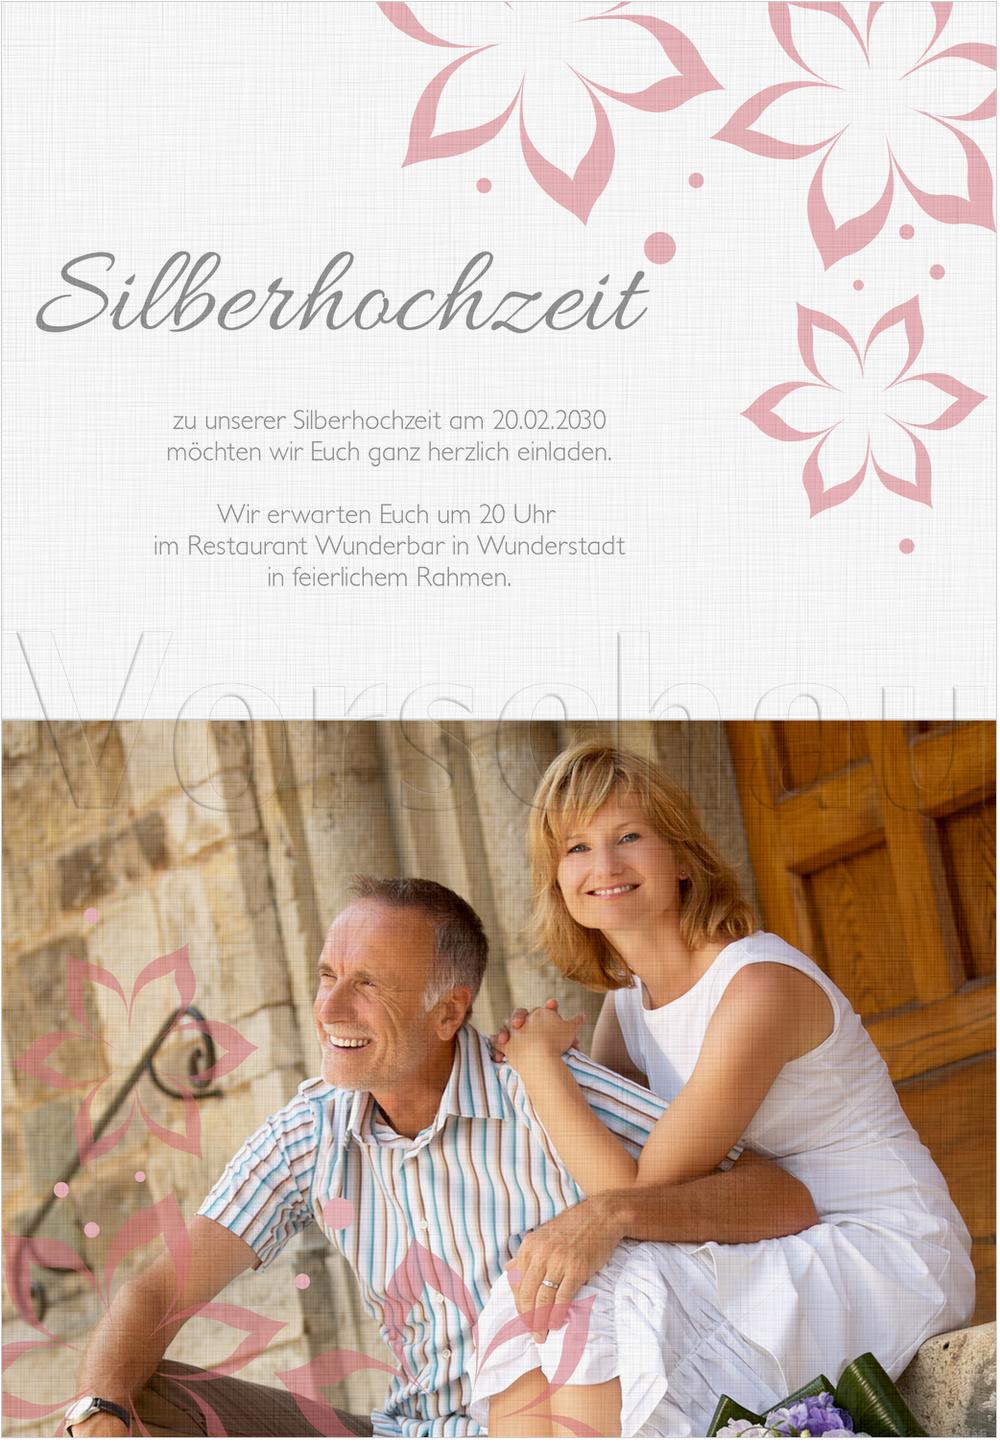 Pin Einladungskarte Silberhochzeit Lustig 12 on Pinterest